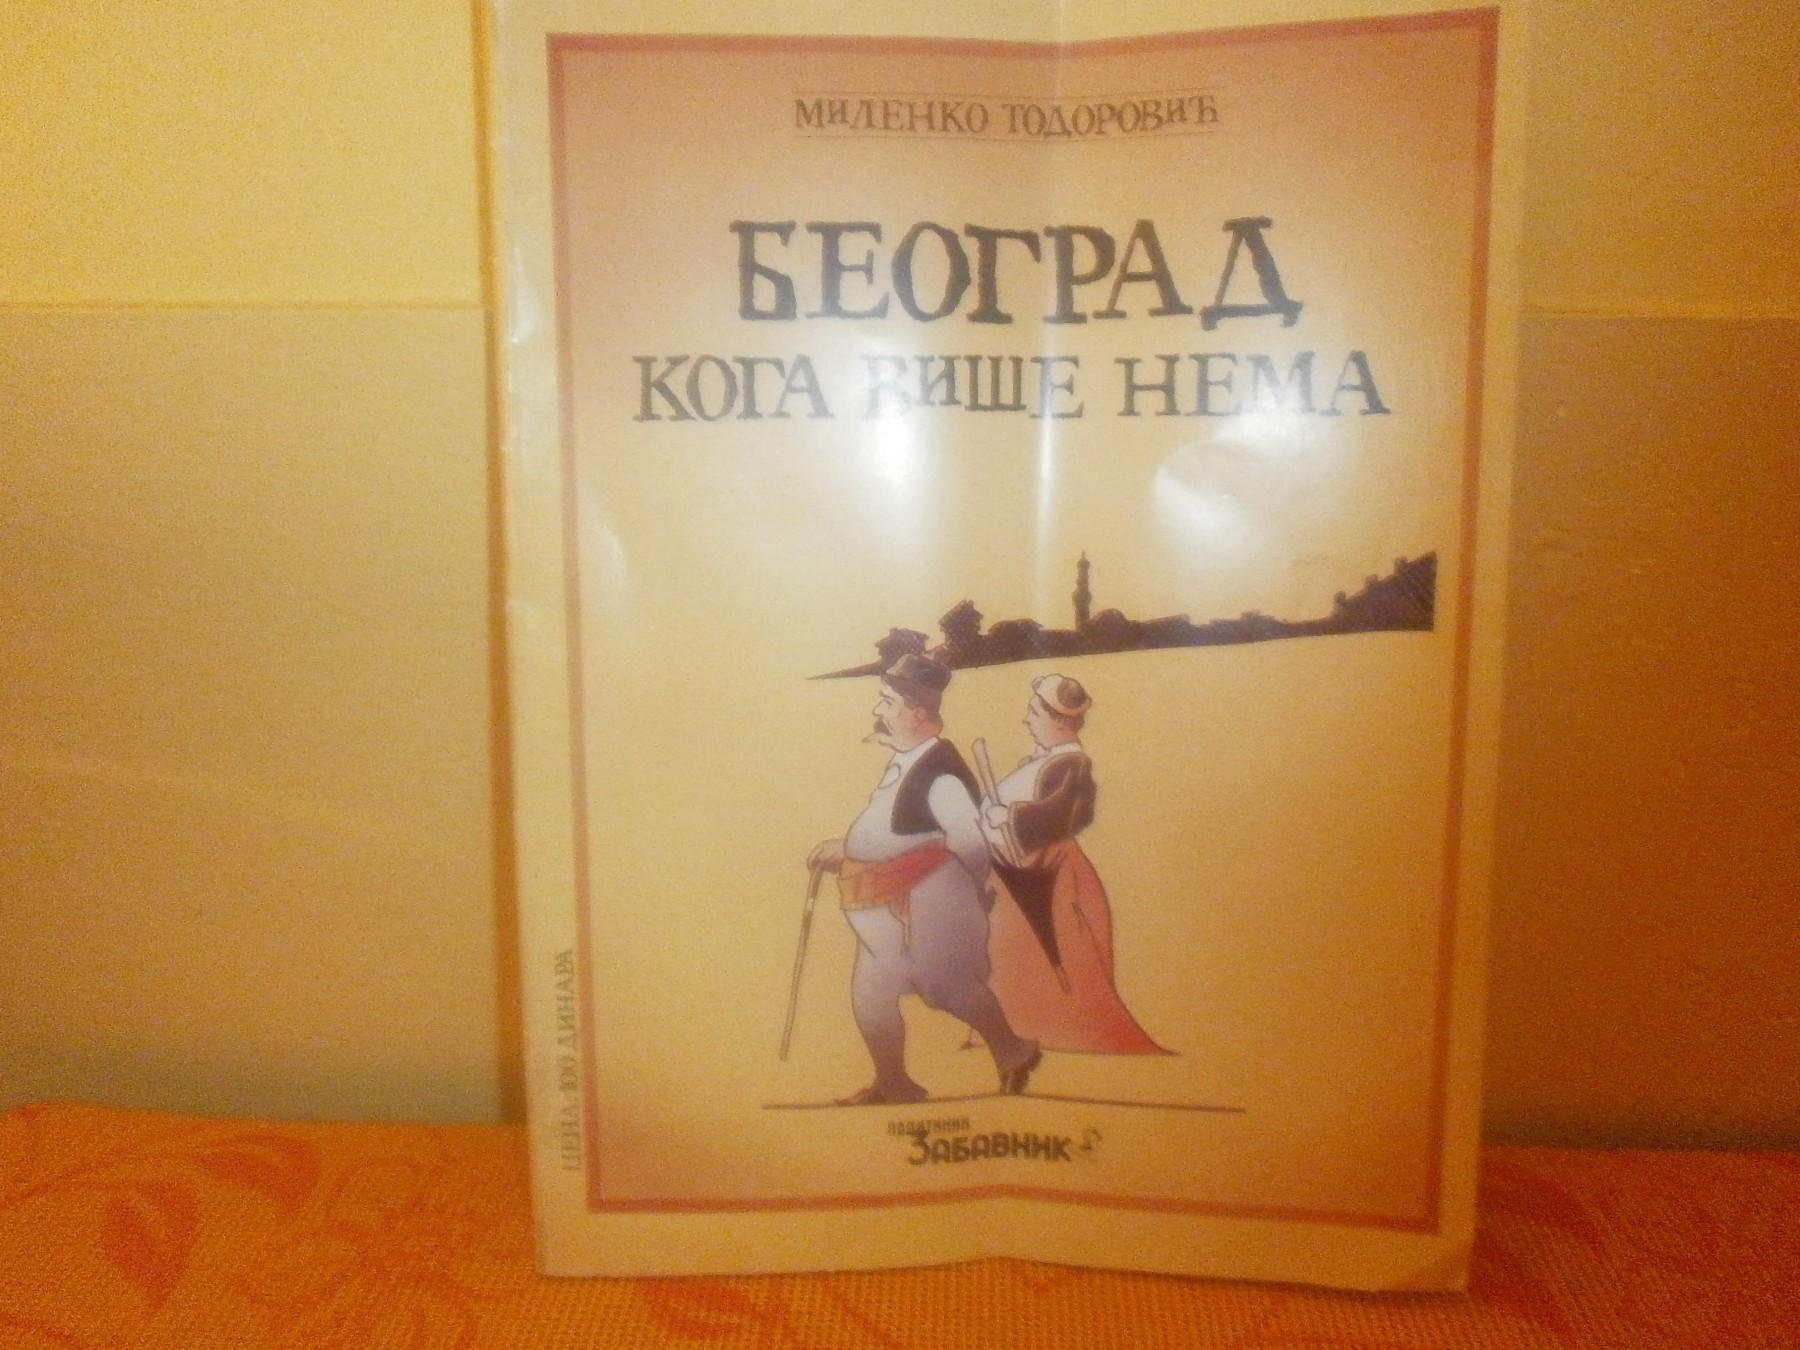 BEOGRAD KOGA VISE NEMA Milenko Todorovic - Kupindo.com (41321207)